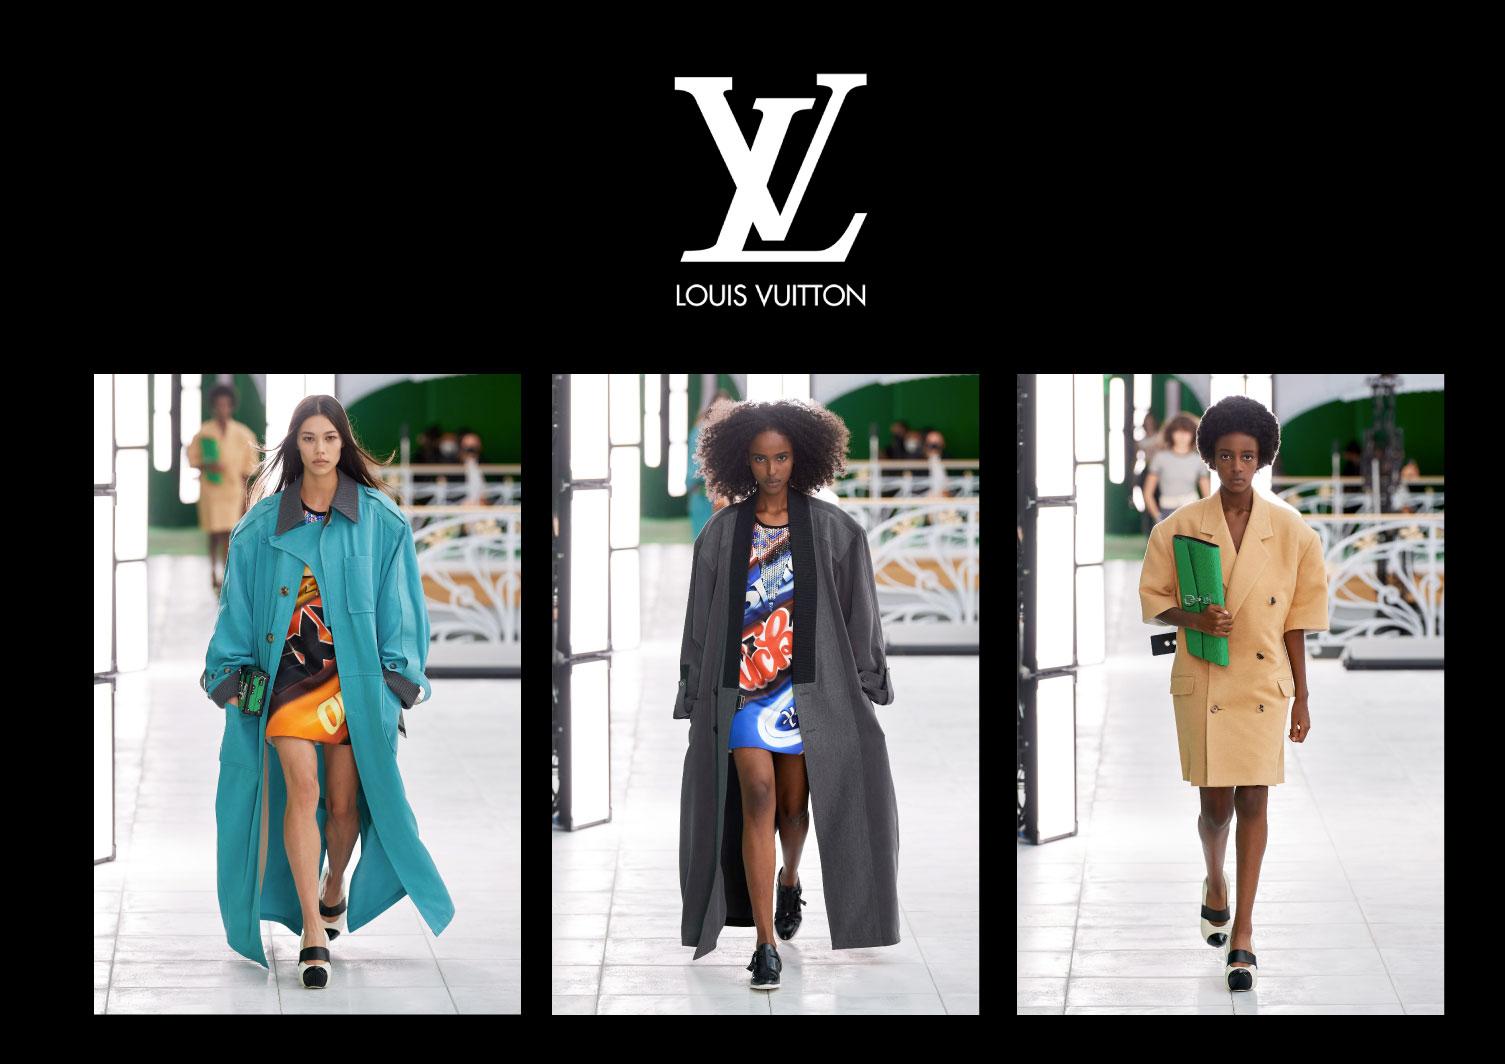 Louis Vuitton Color Forecast - Colors for 2021 - Bright colors